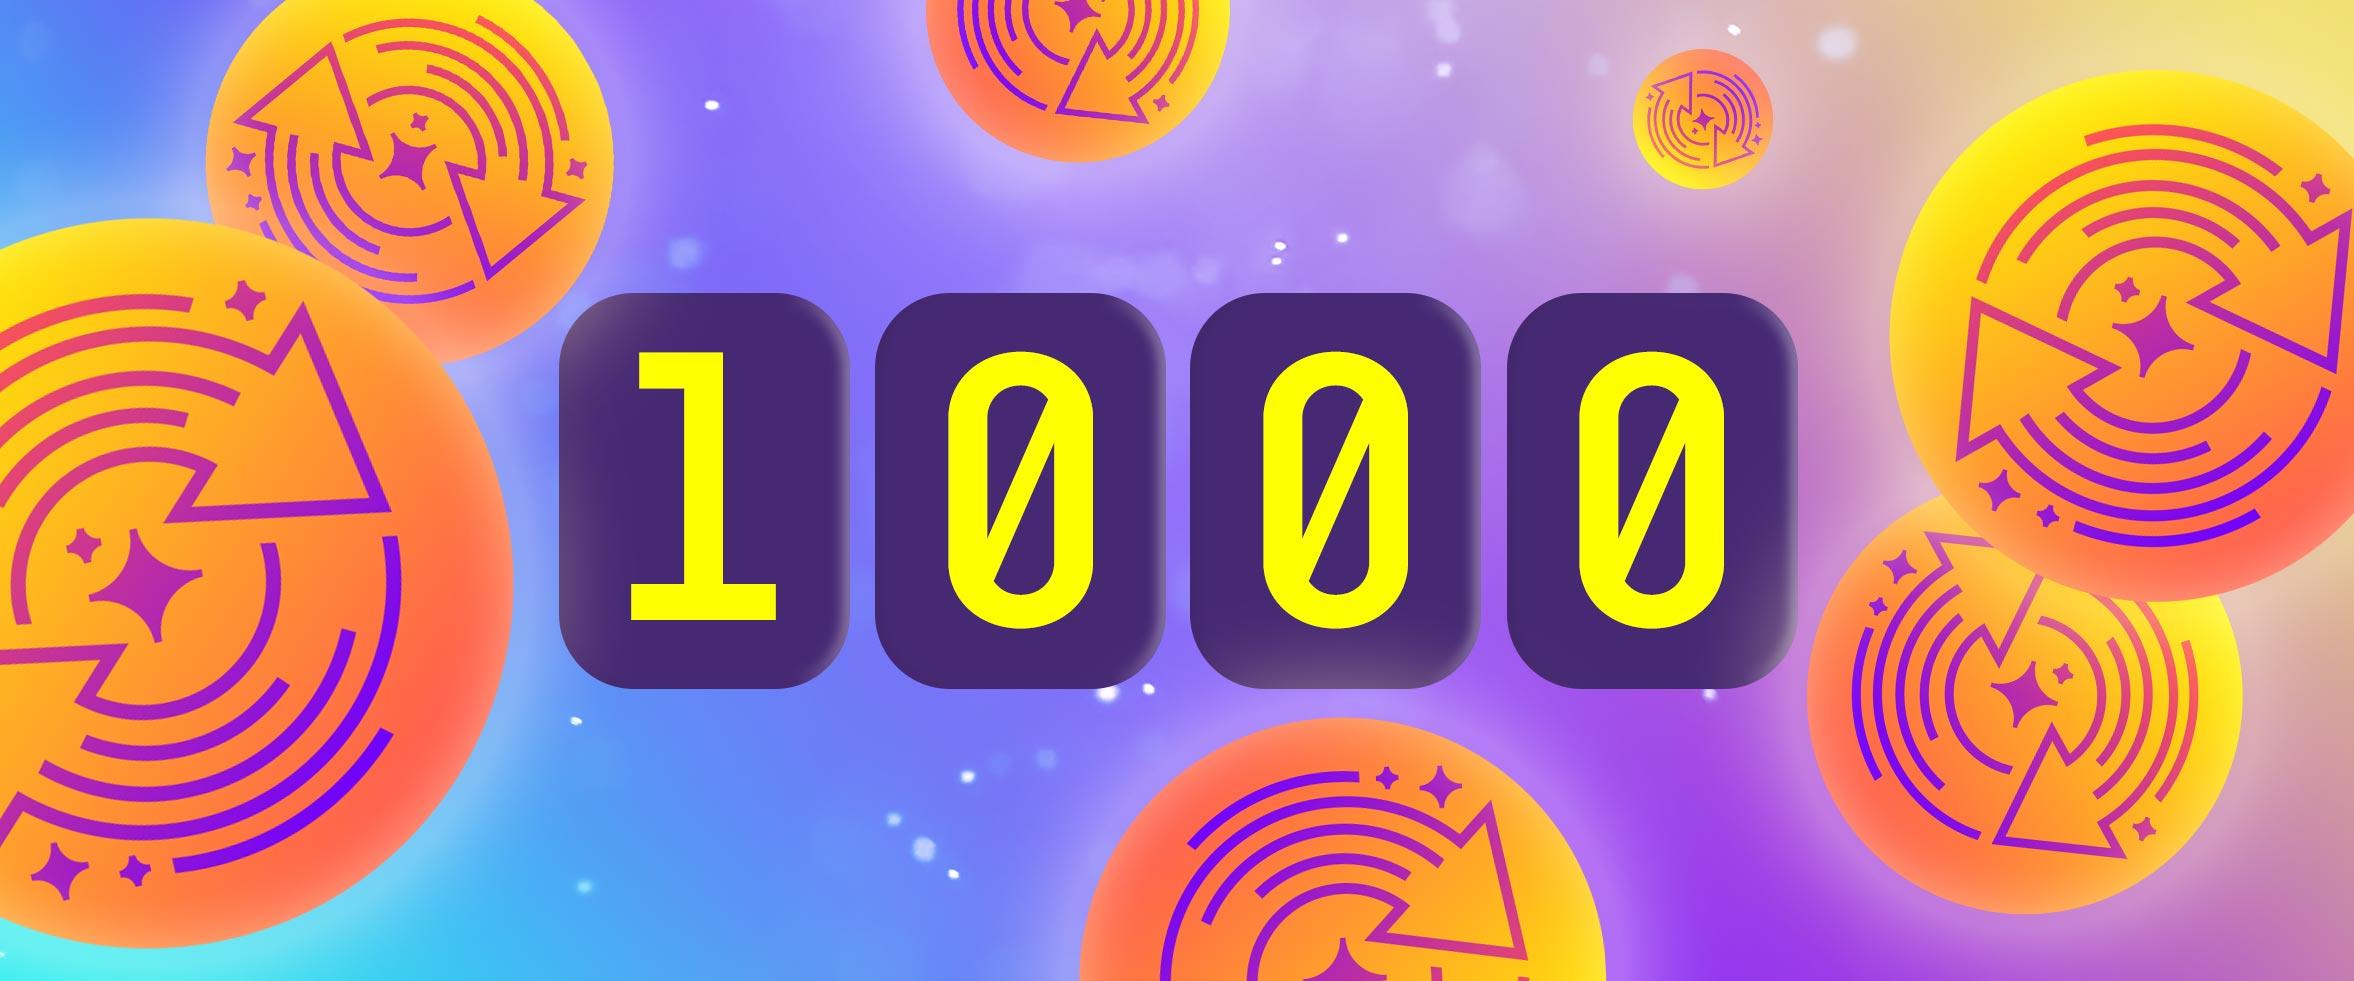 1000 ilmaiskierrosta ovat sinun!